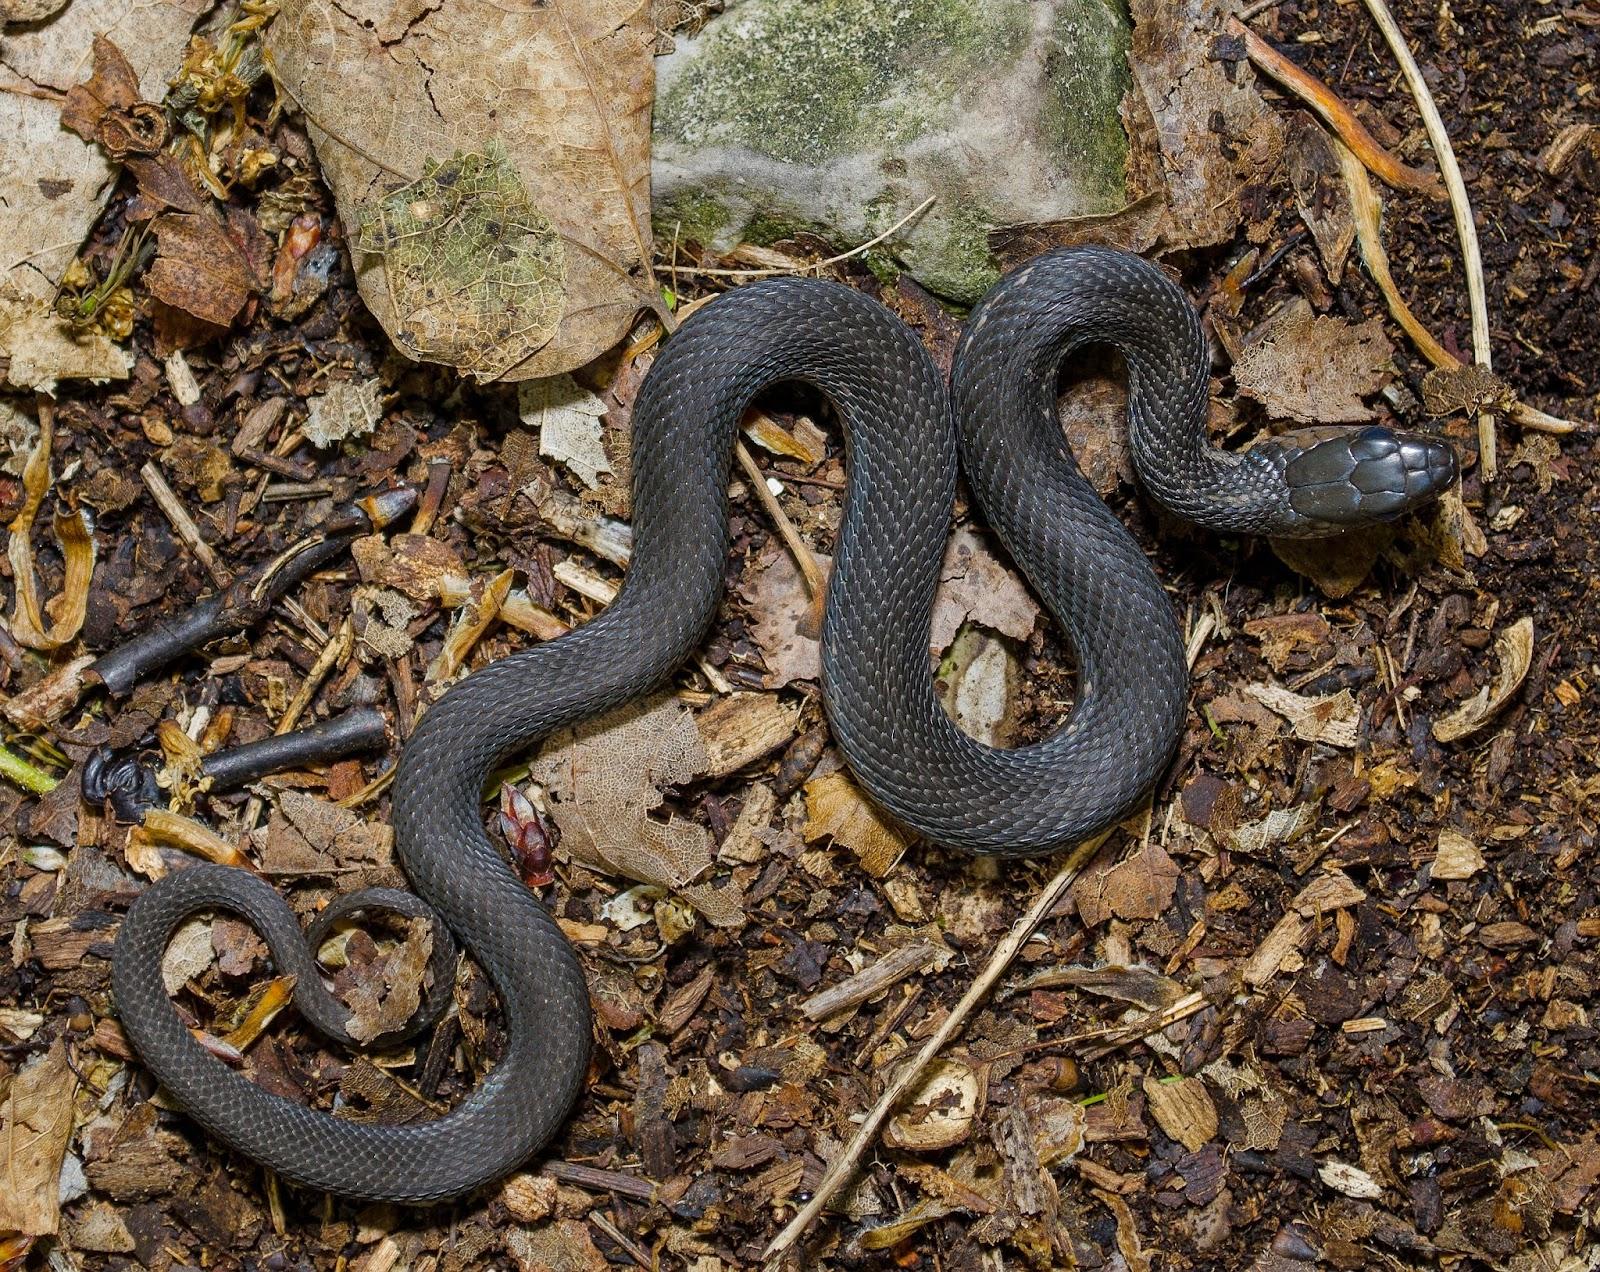 On the Subject of Nature: Melanistic Garter Snake